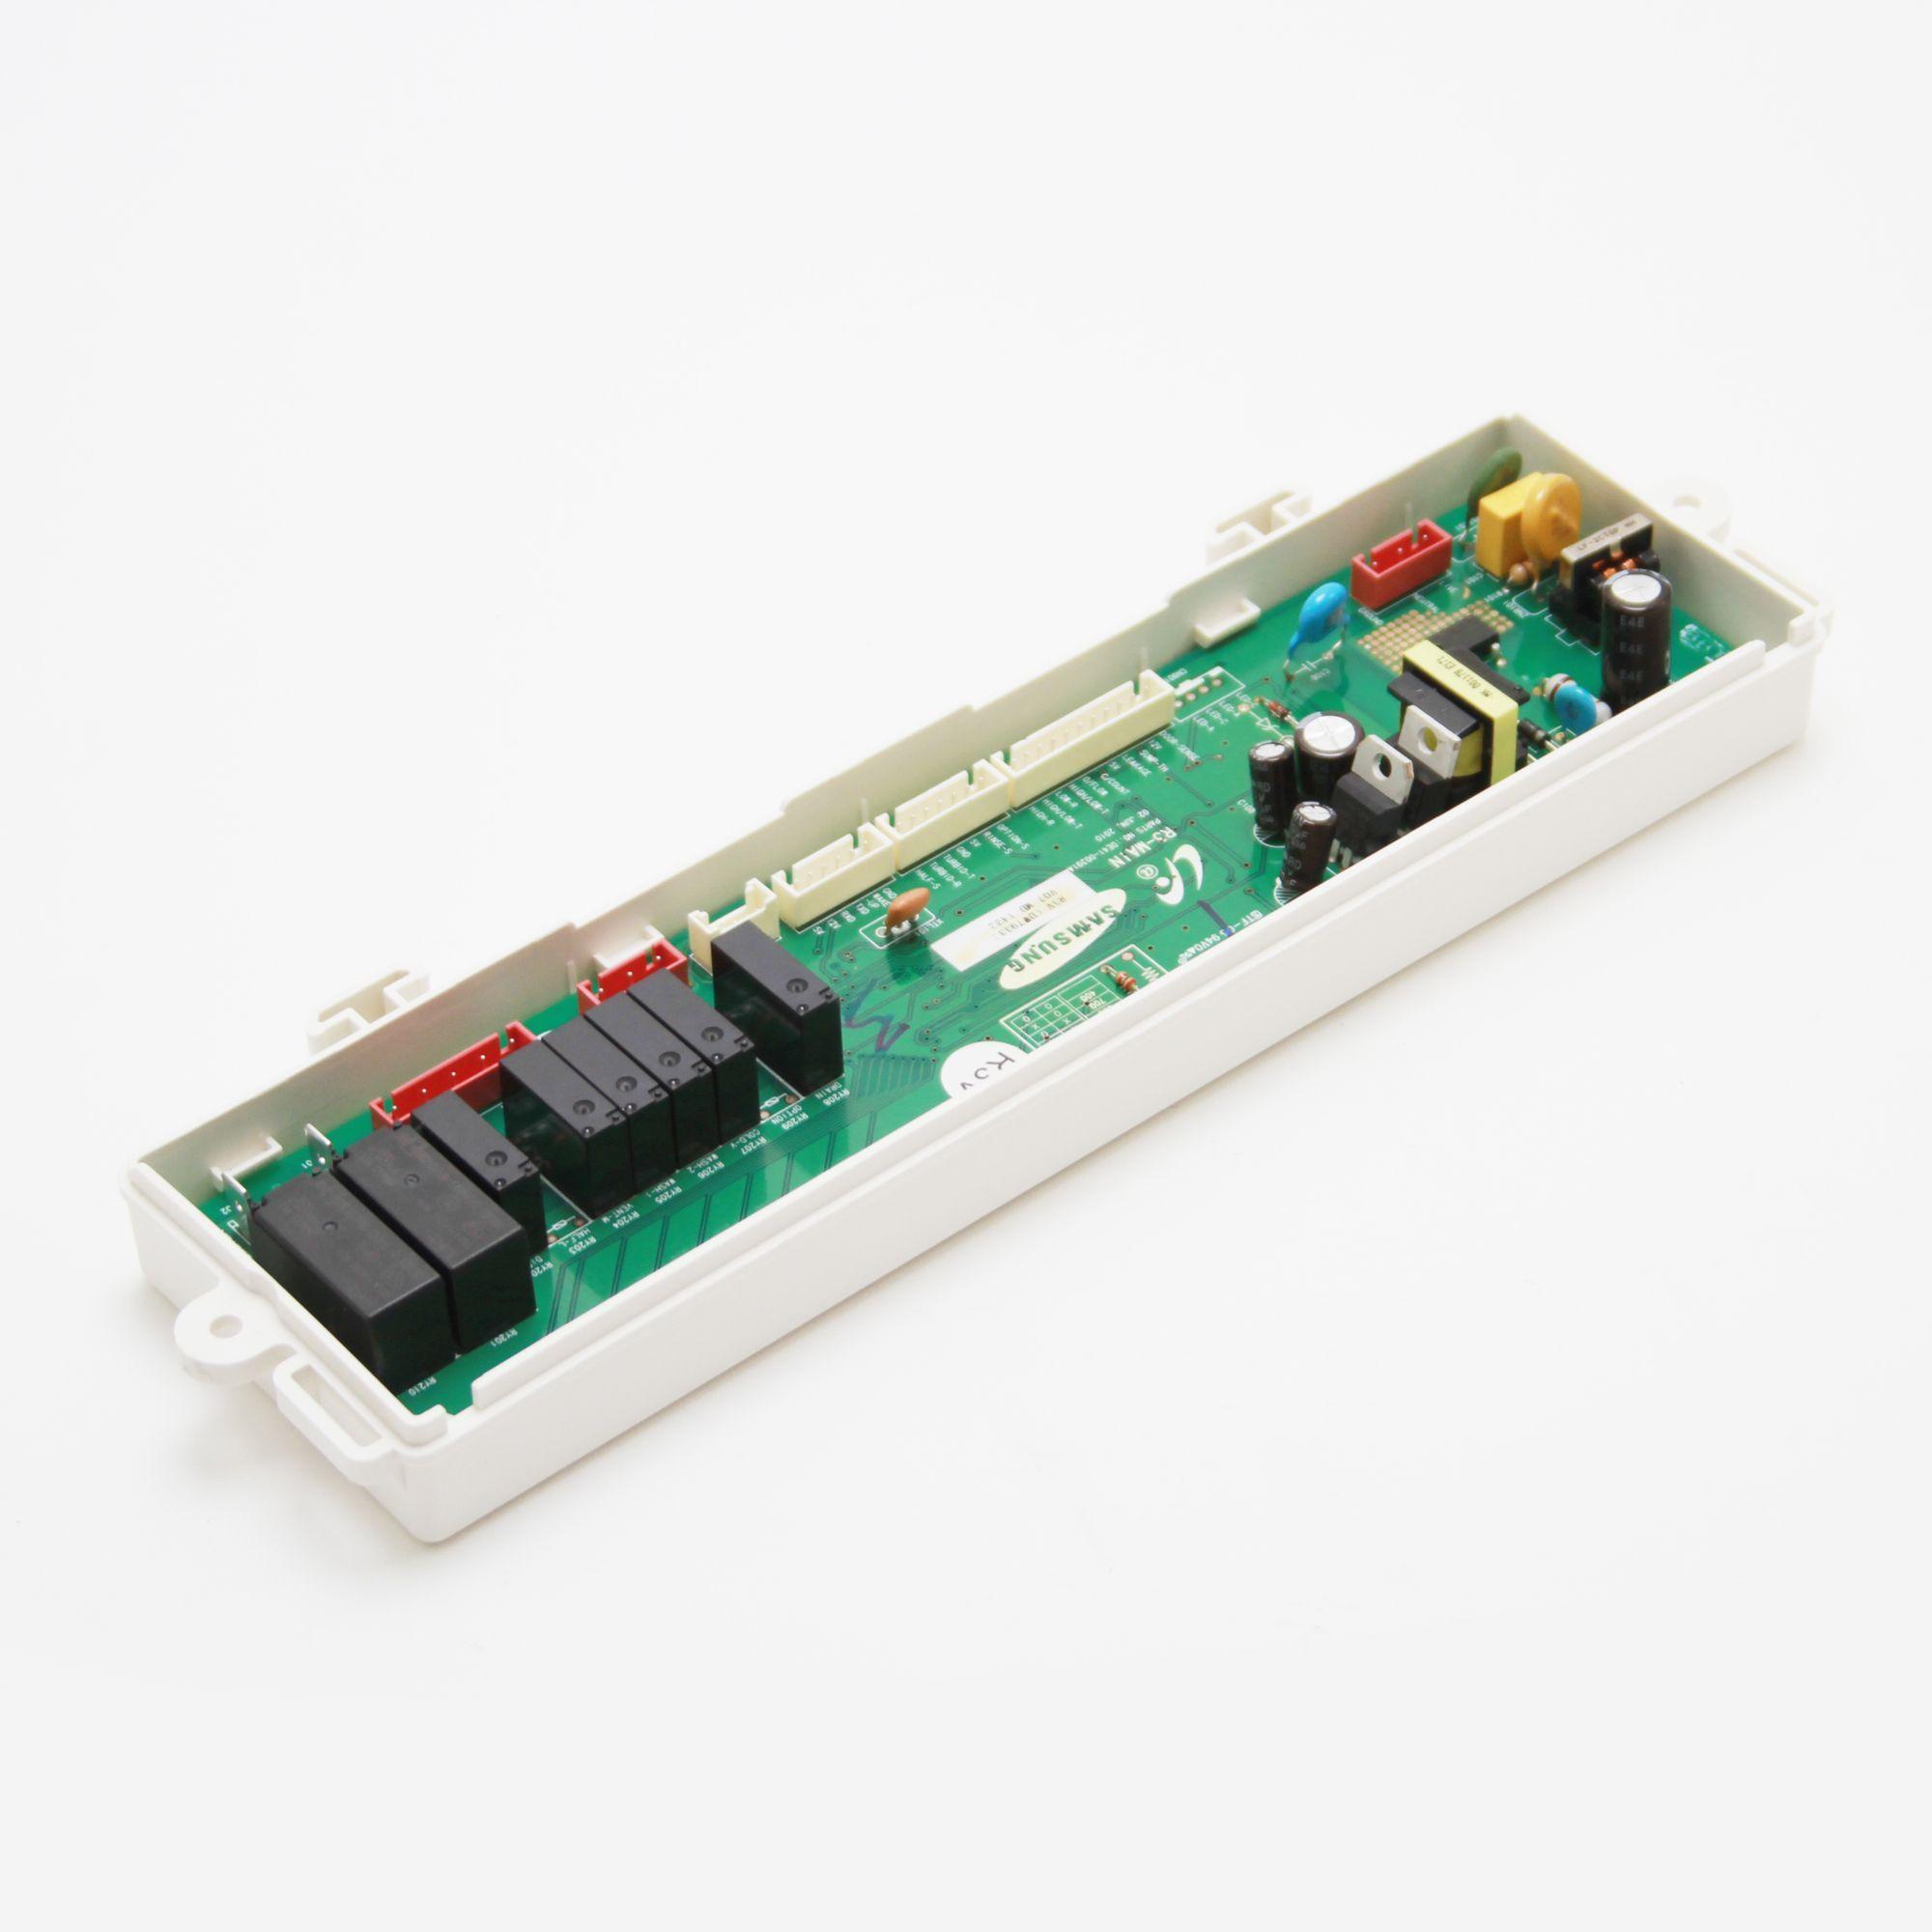 Samsung Dd92 00033a Dishwasher Electronic Control Board Samsung Appliances Broken Appliance Samsung